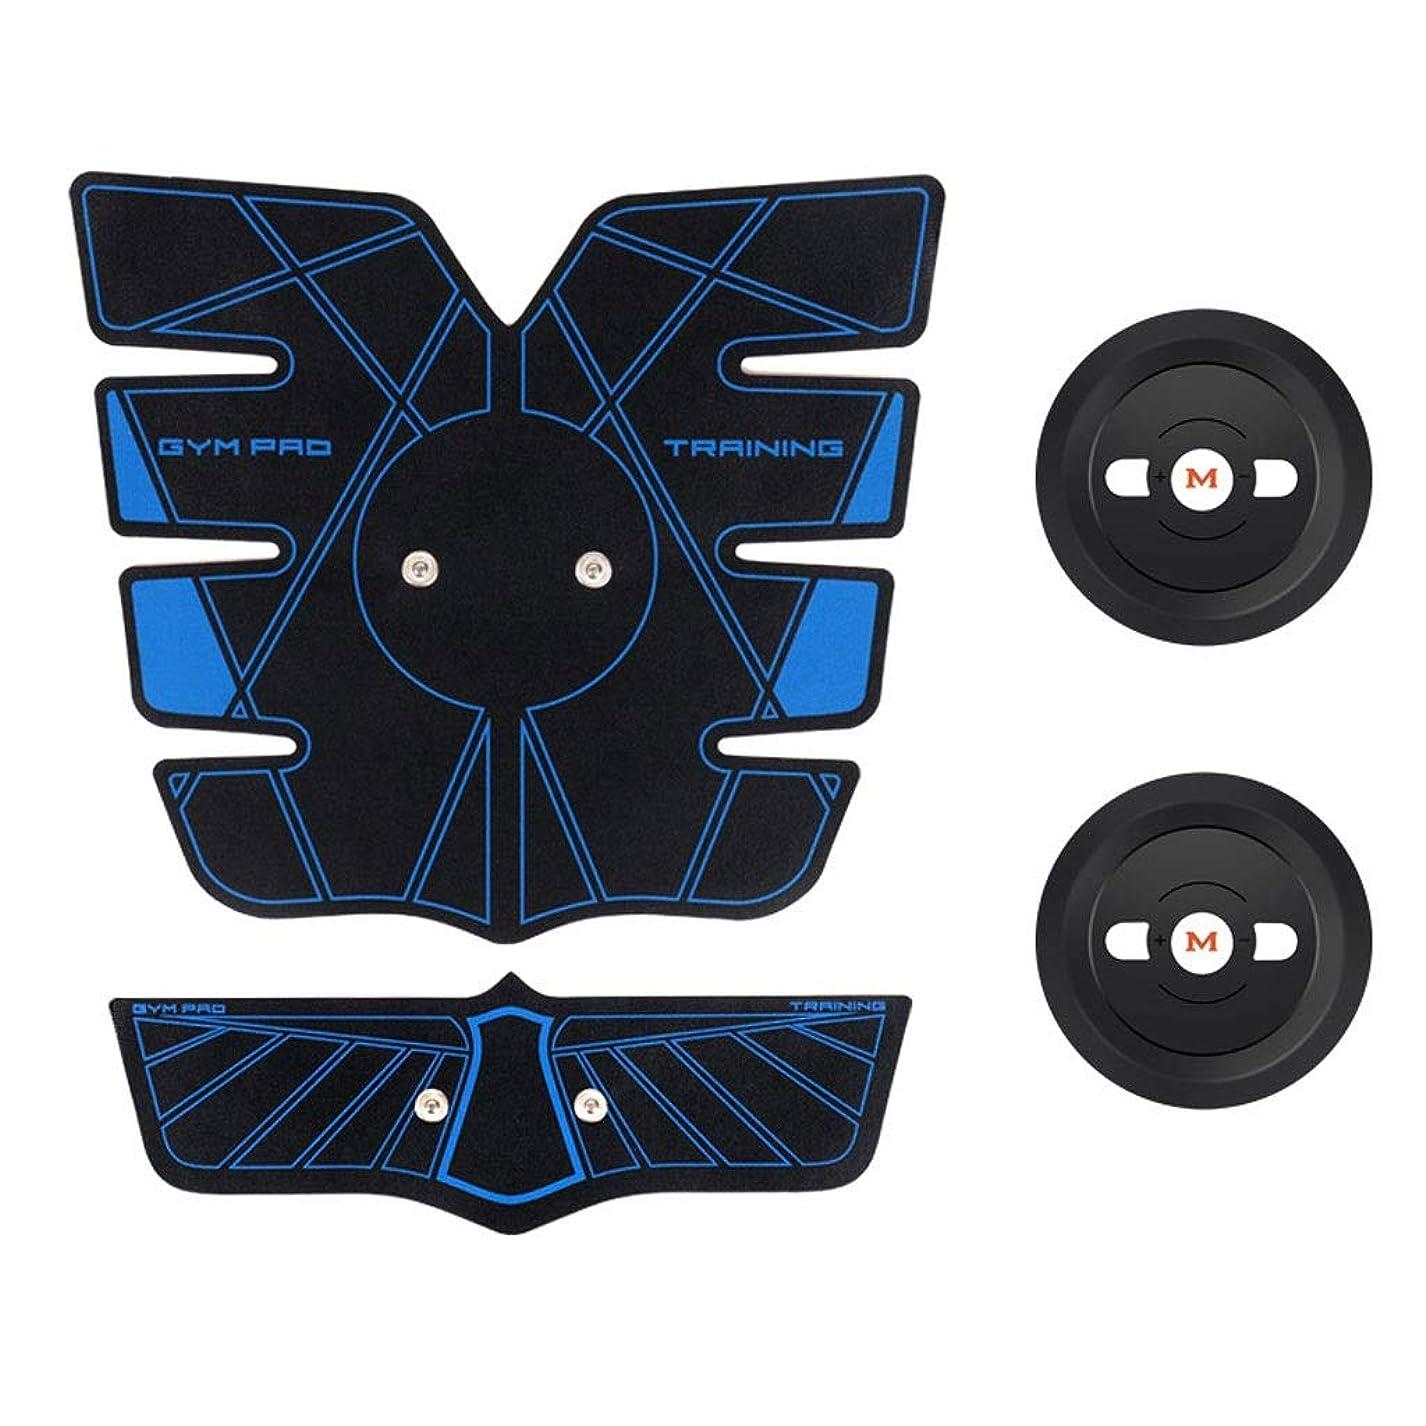 調子割り当てるびっくりした腹部筋肉トレーナーEMS腹部トレーナー筋肉刺激装置アブトーニングベルトウエストトレーナー腹サポートベルトジムトレーニングエクササイズマシンホームフィットネス (Color : Blue, Size : C)